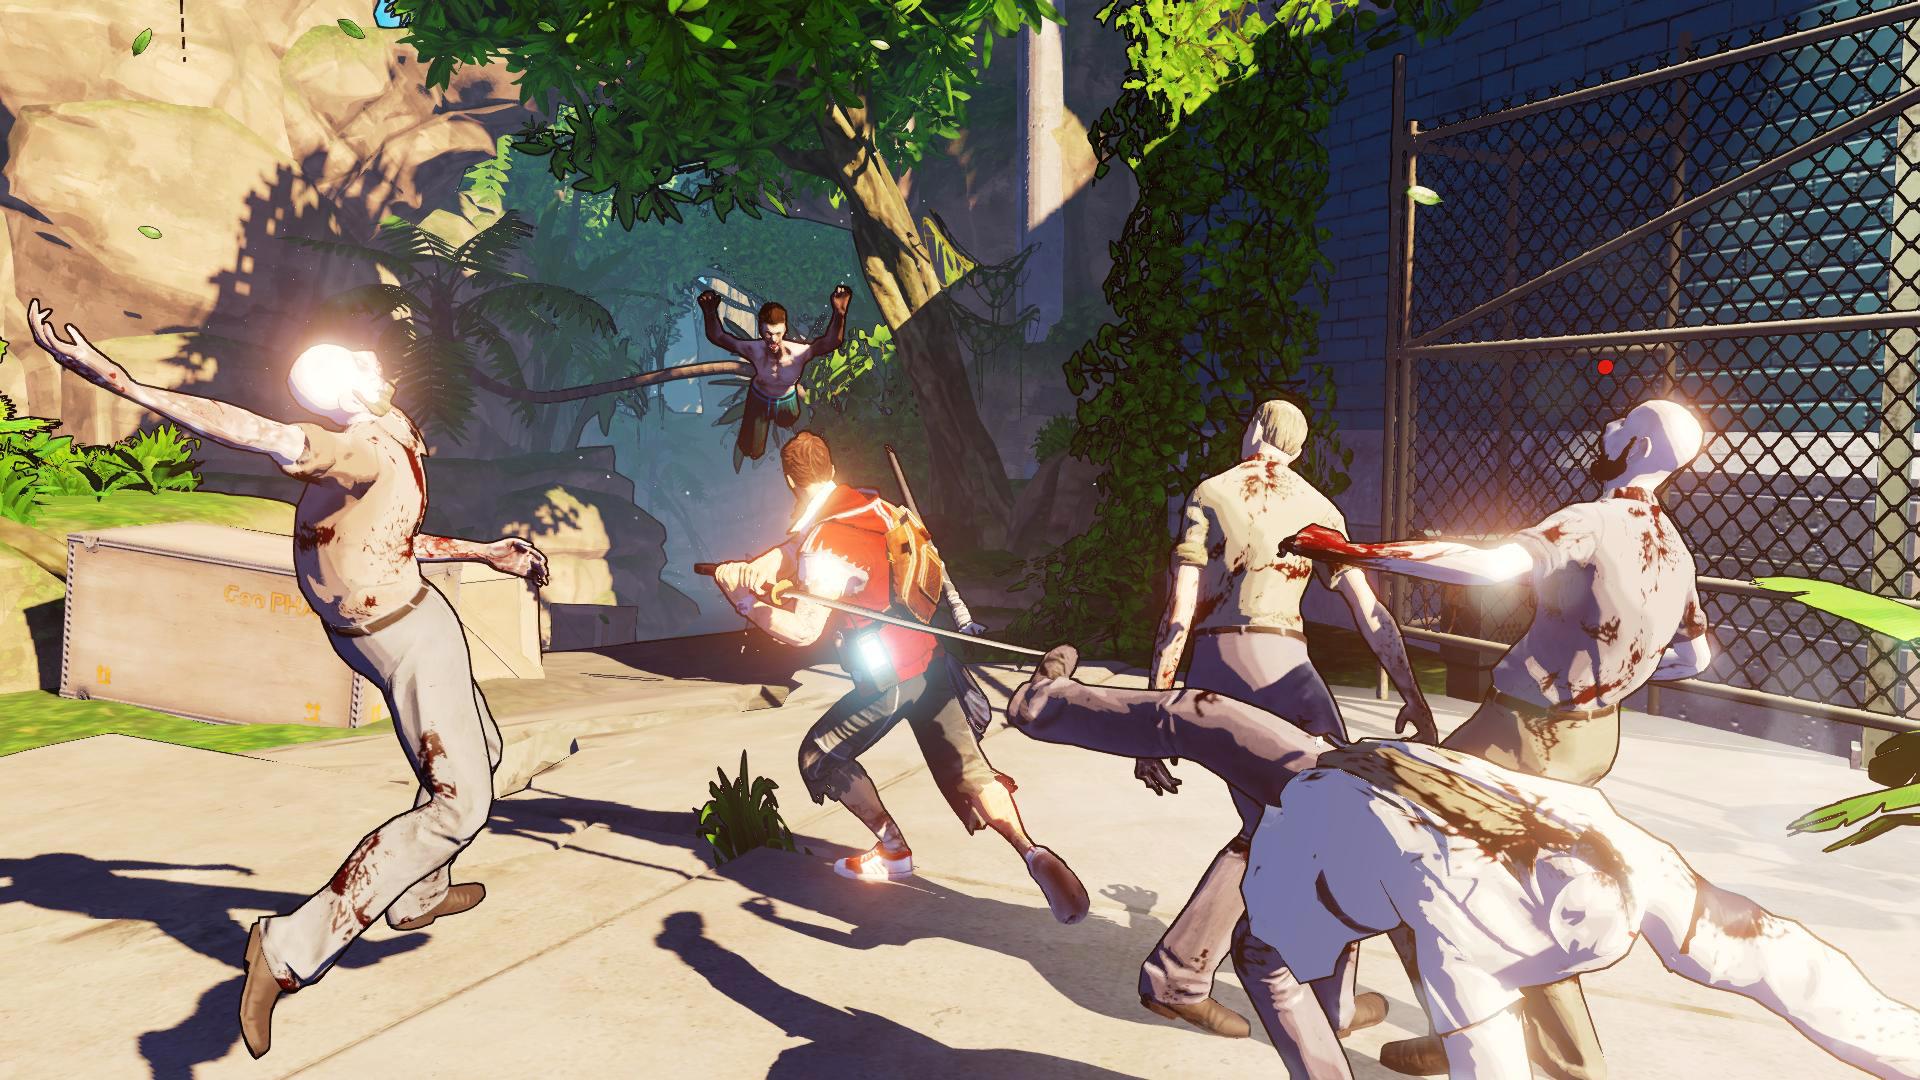 Изображение из игры